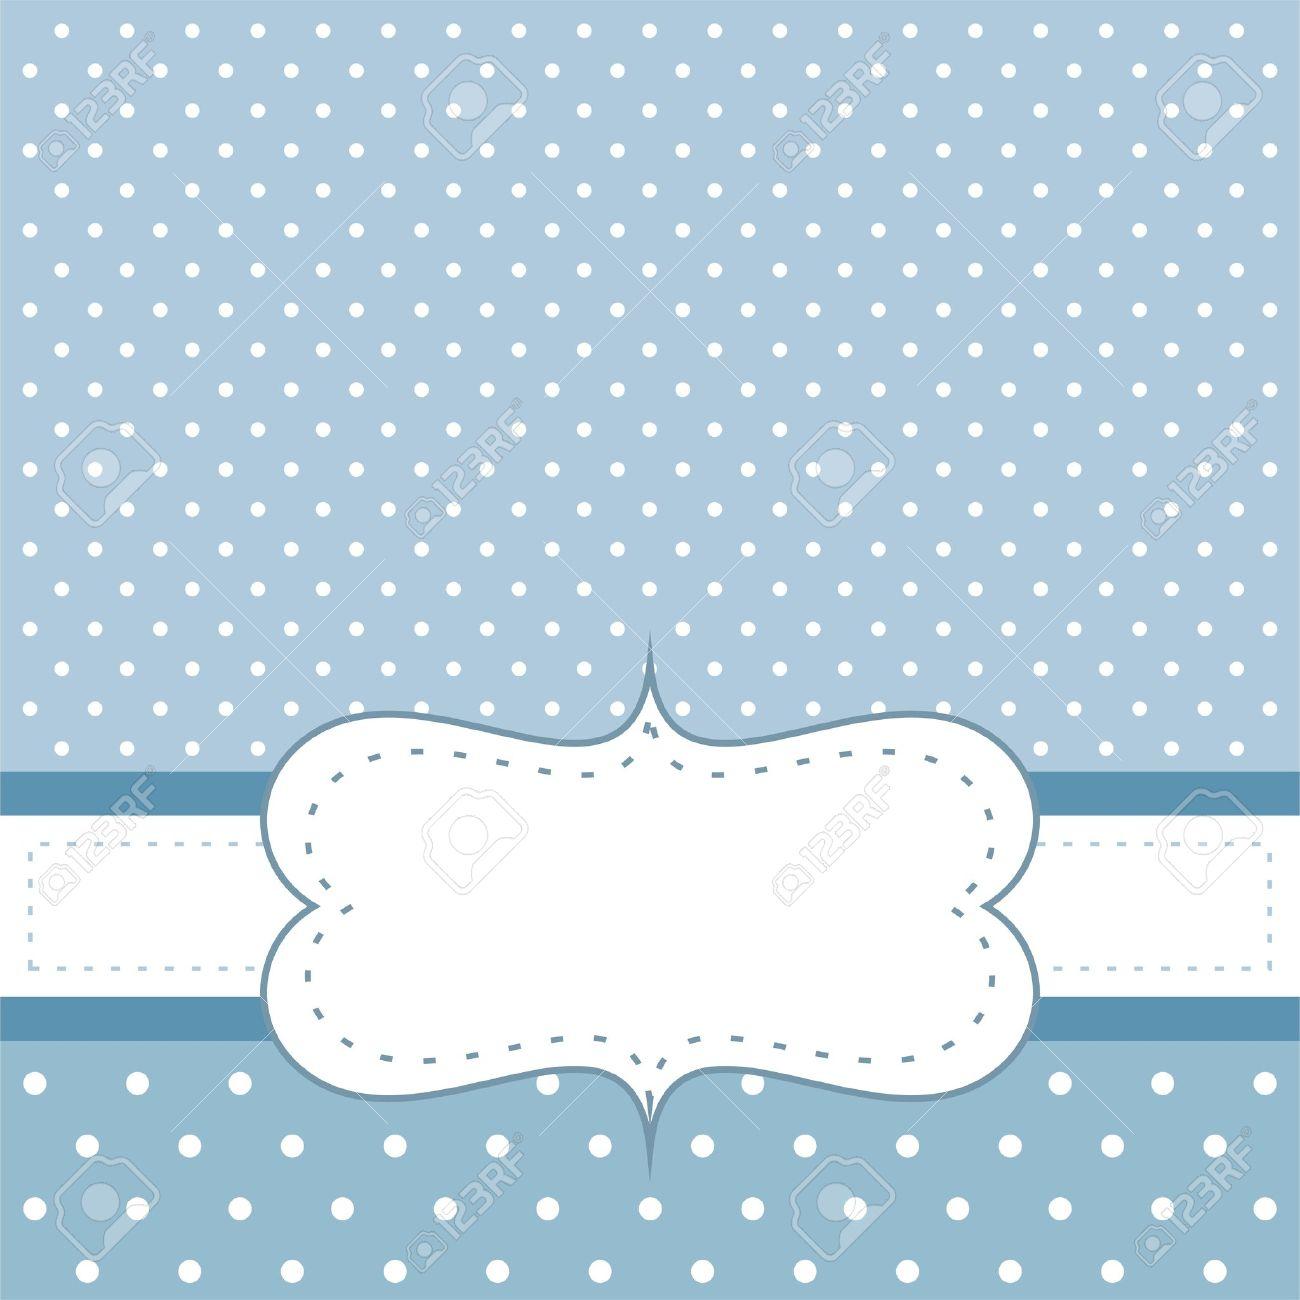 Tarjeta De Dulce Azul De Lunares O De La Invitación De Fondo Linda Con El Espacio En Blanco Para Poner Su Propio Mensaje De Texto Cóctel